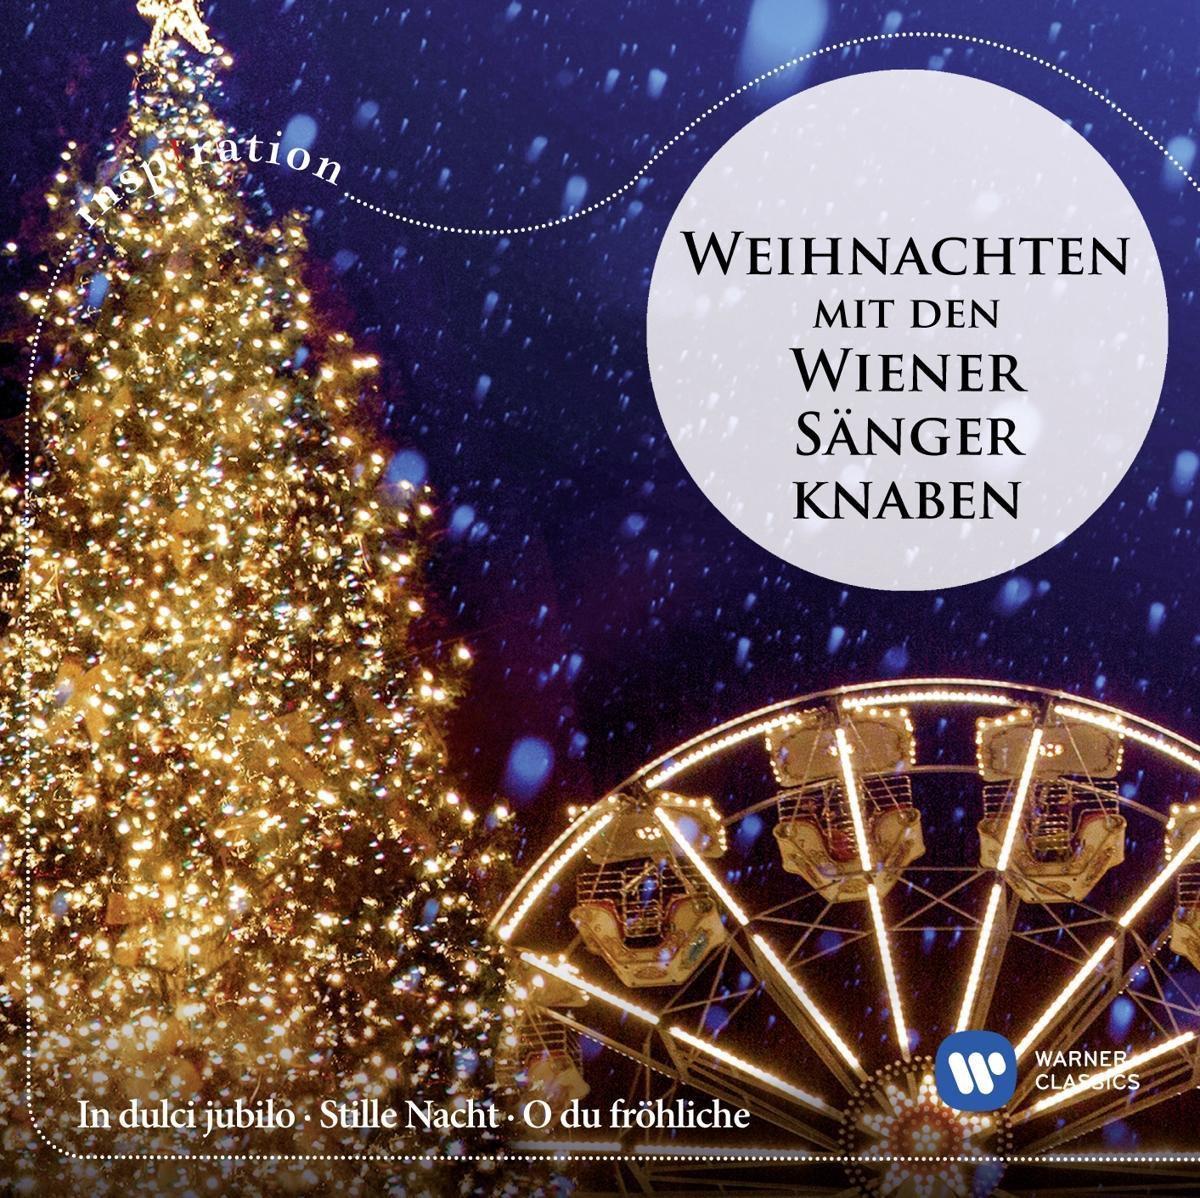 Weihnachten mit den Wiener San